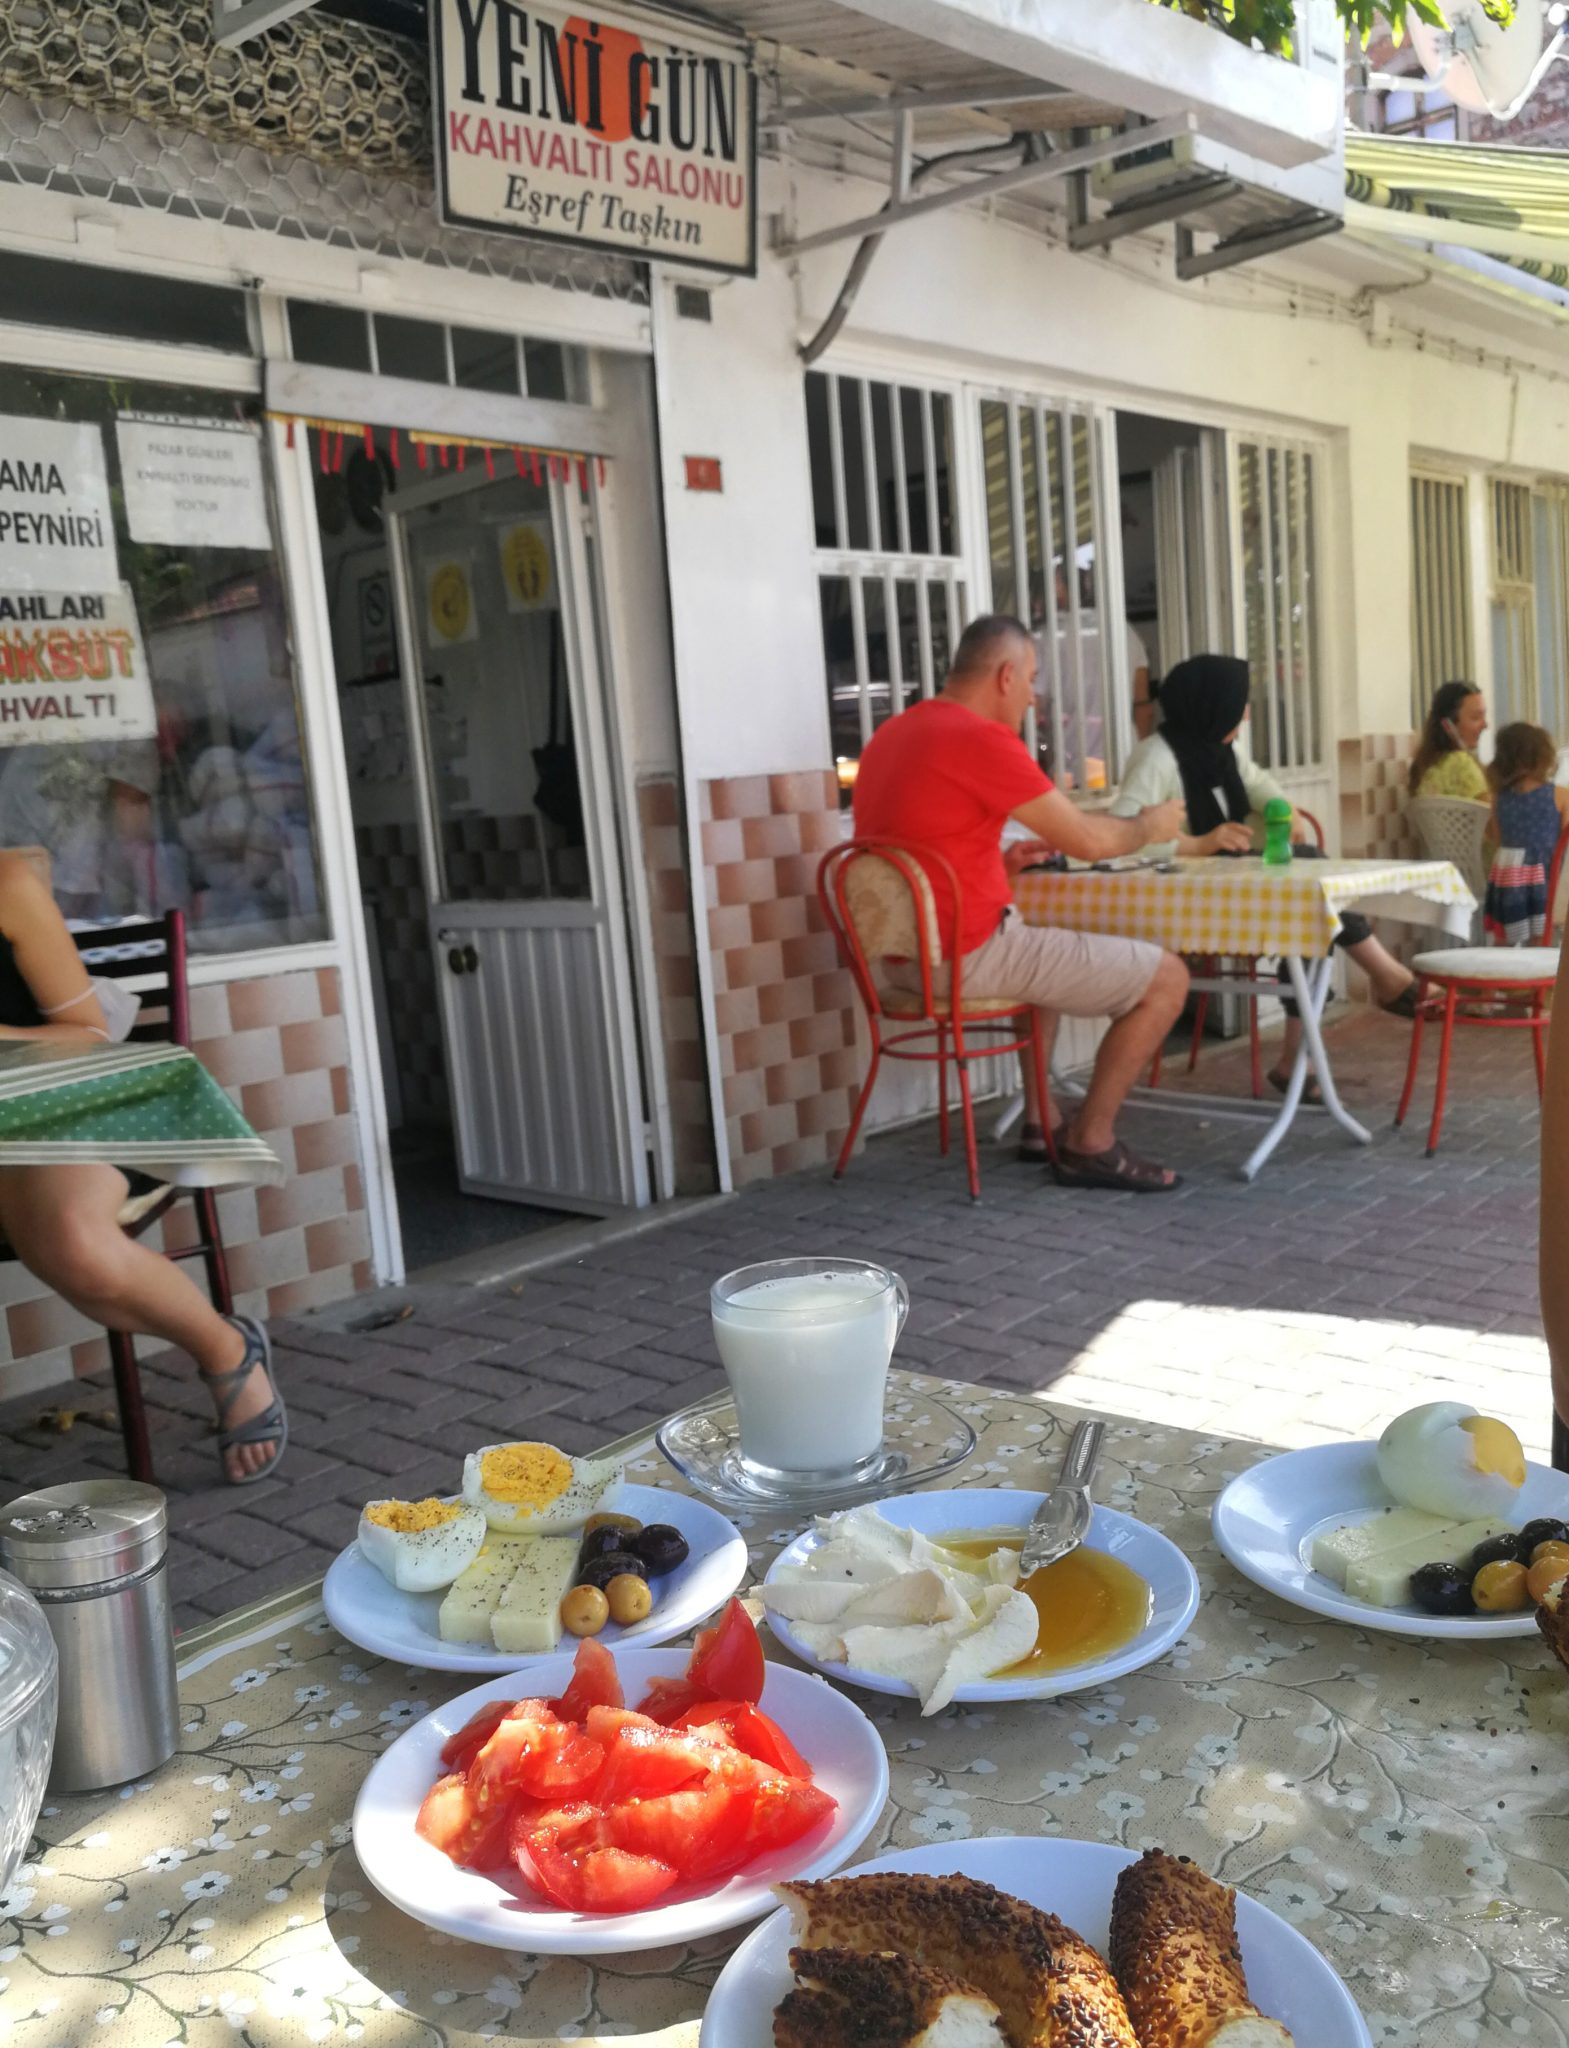 Yeni gün kahvaltı salonu